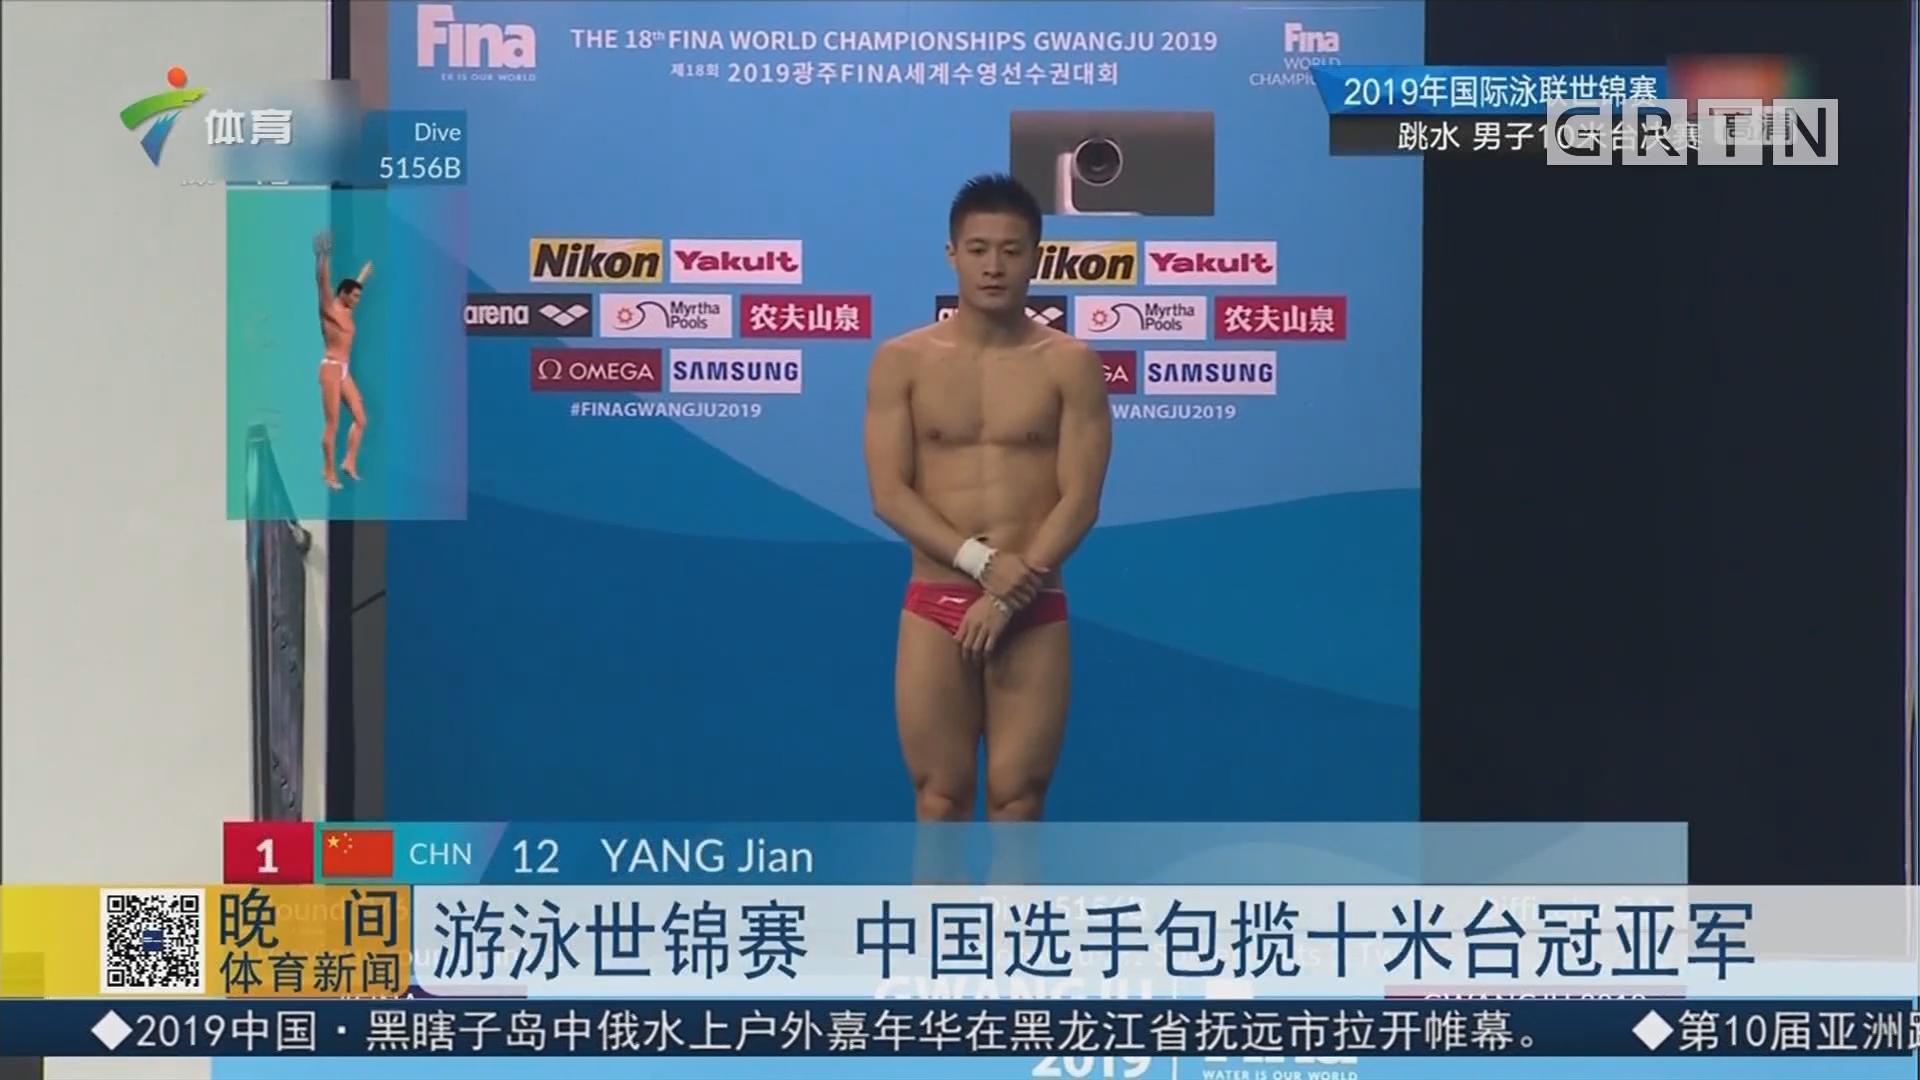 游泳世锦赛 中国选手包揽十米台冠亚军